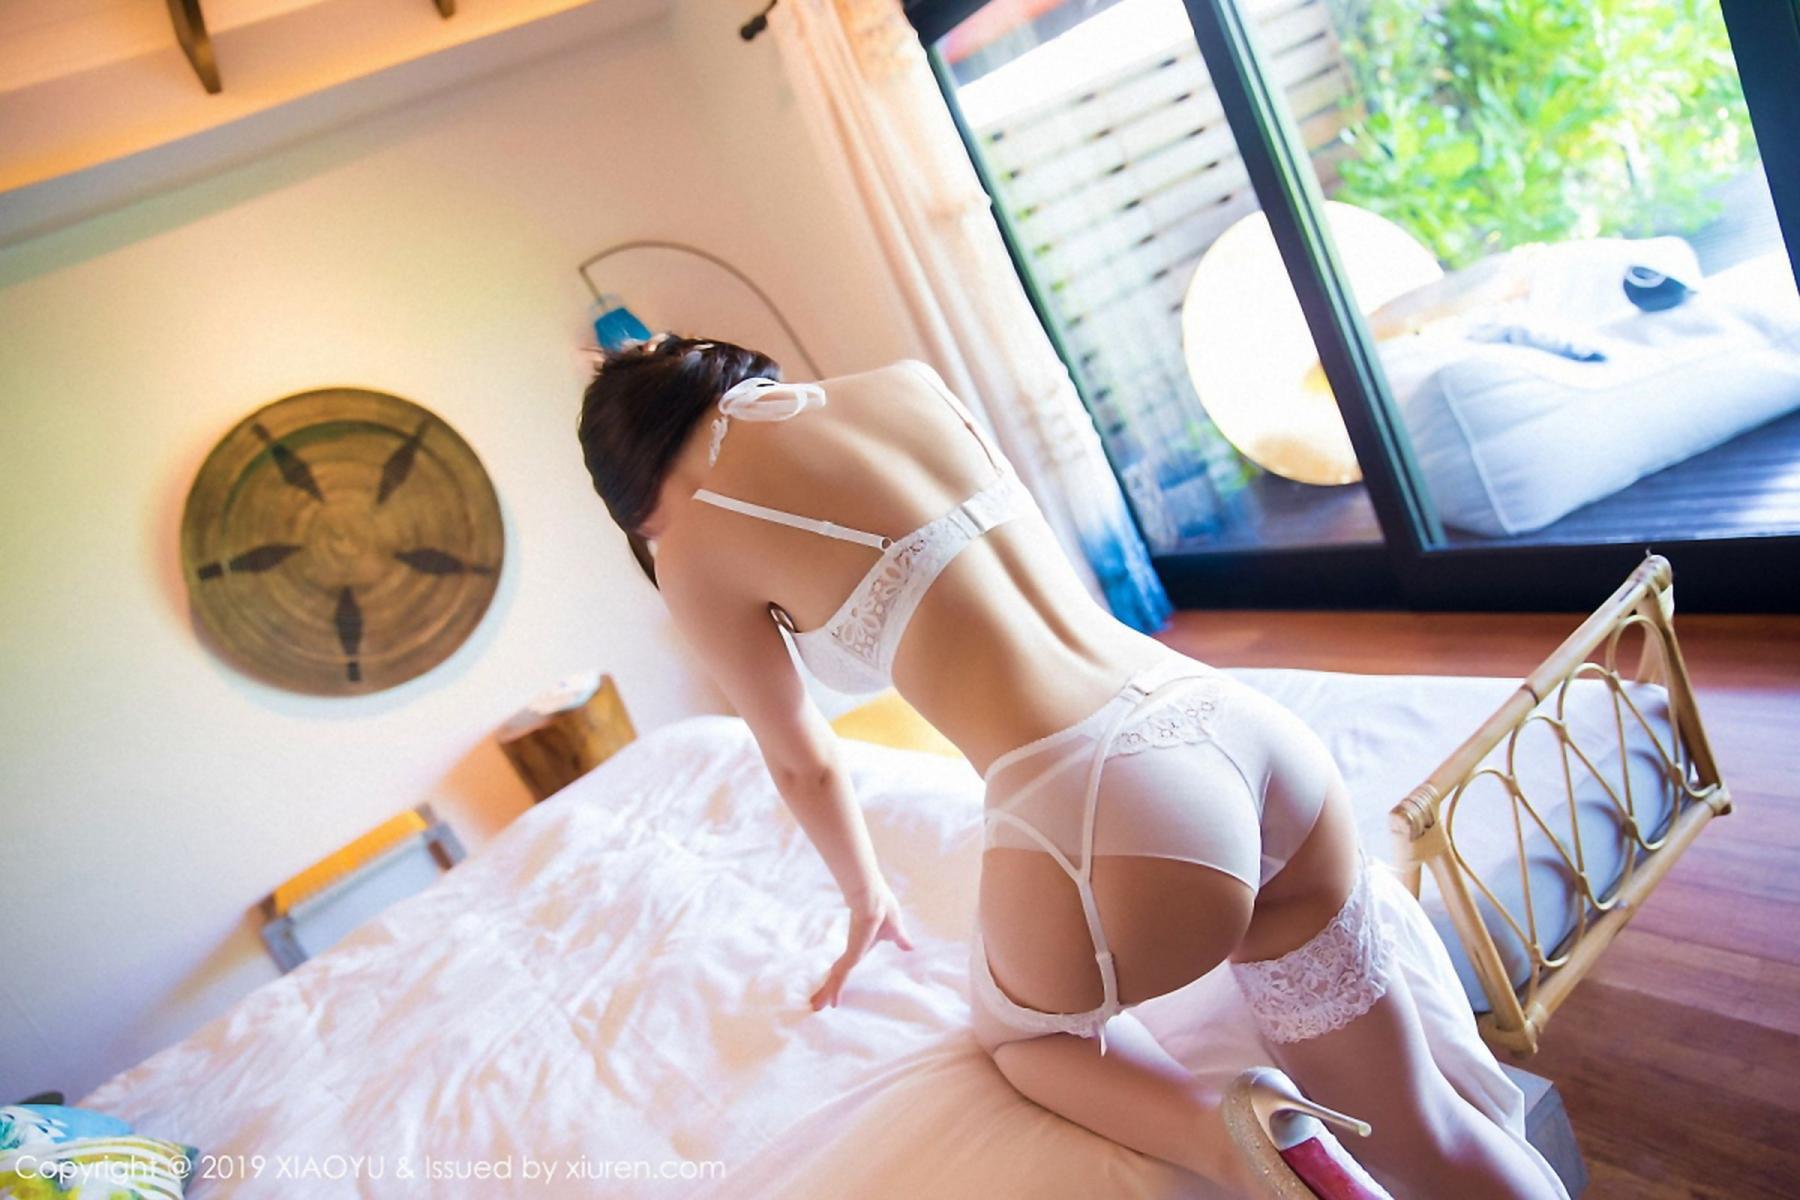 [XiaoYu] Vol.027 Xie Zhi Xin 36P, Bathroom, Underwear, XiaoYu, Xie Zhi Xin